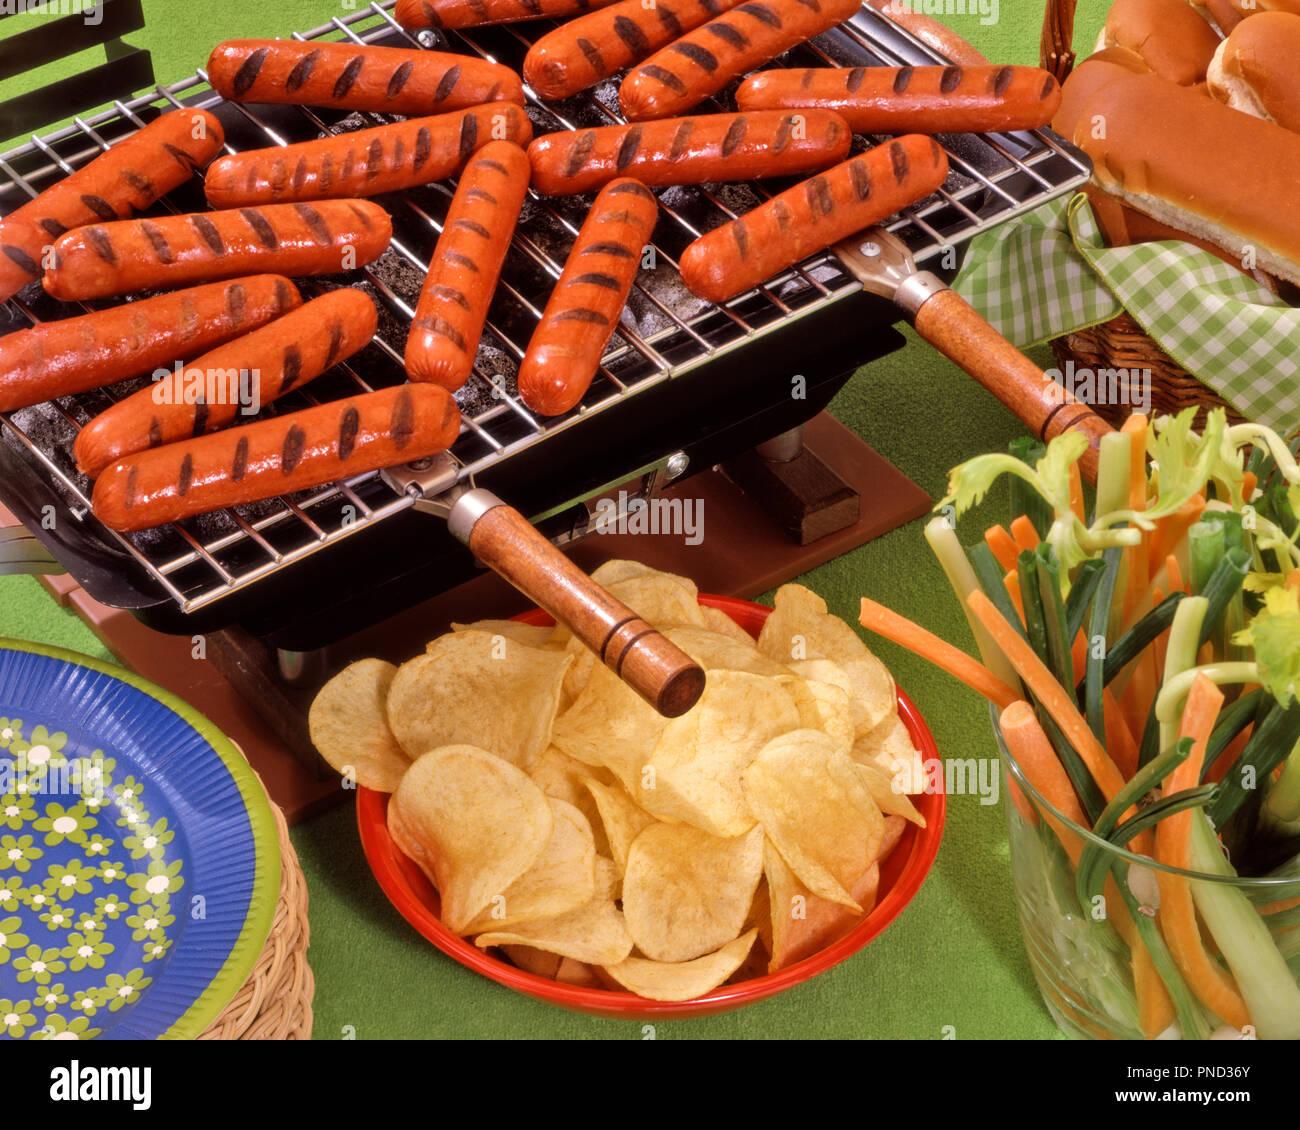 1970s 1980s GEGRILLTE HOTDOGS auf HIBACHI HOLZKOHLEGRILL ZUSAMMEN MIT Brötchen in Scheiben geschnittene Kartoffel Chips, STANGENSELLERIE UND KAROTTEN STICKS-kf 24067 FRT001 HARS KARTOFFELCHIPS Stockbild